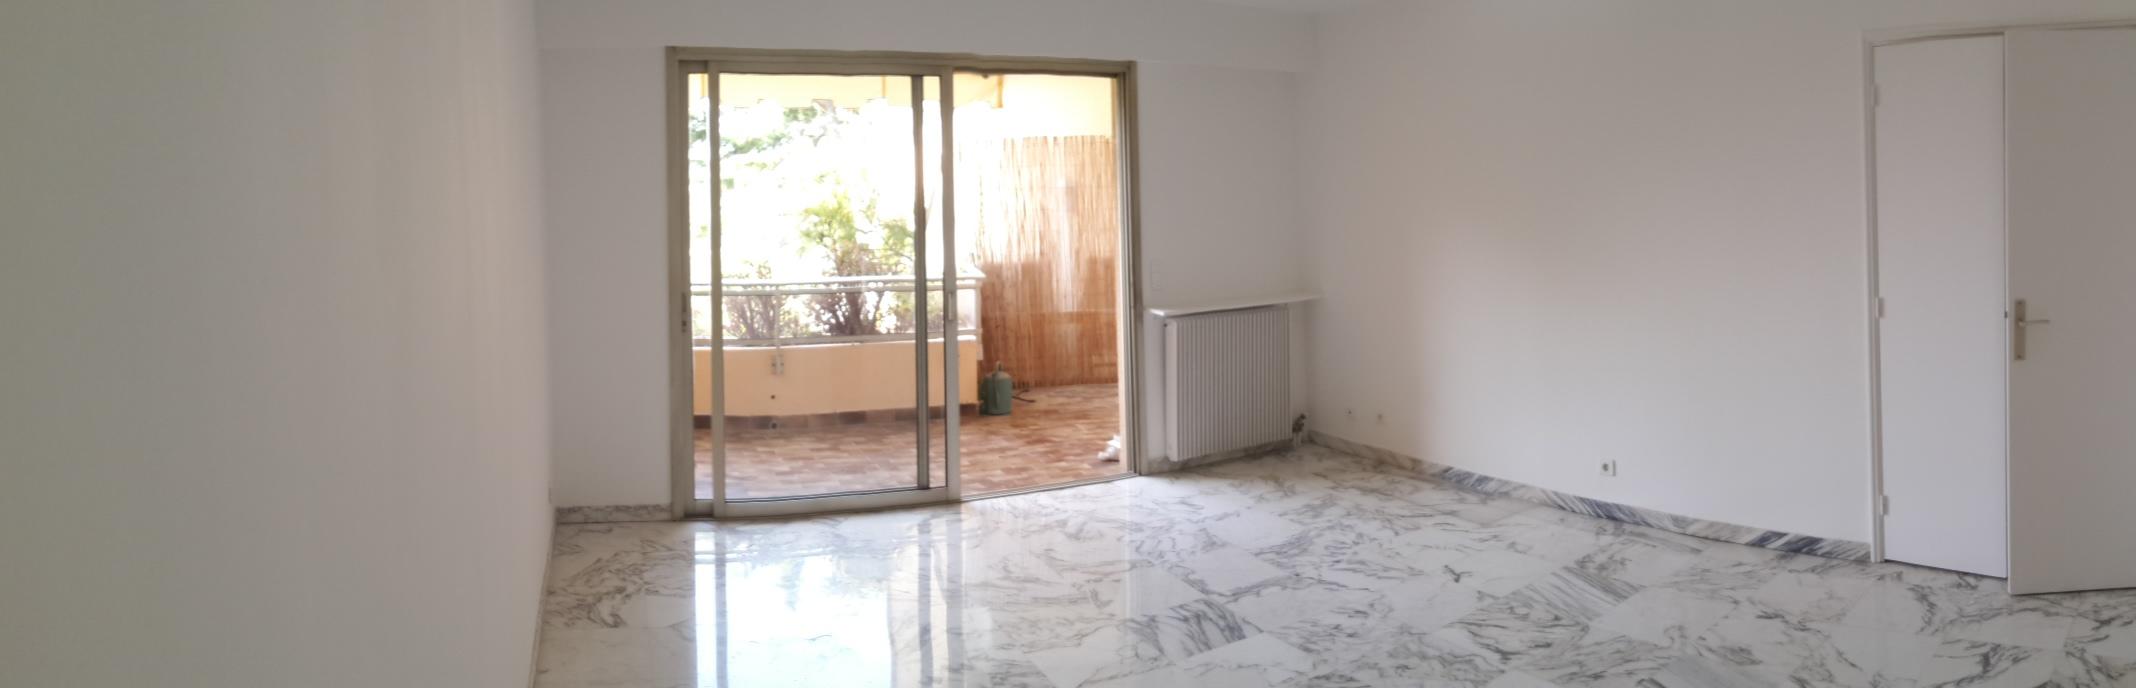 Rénovation Partielle Ou Totale à Nice Paca Projets